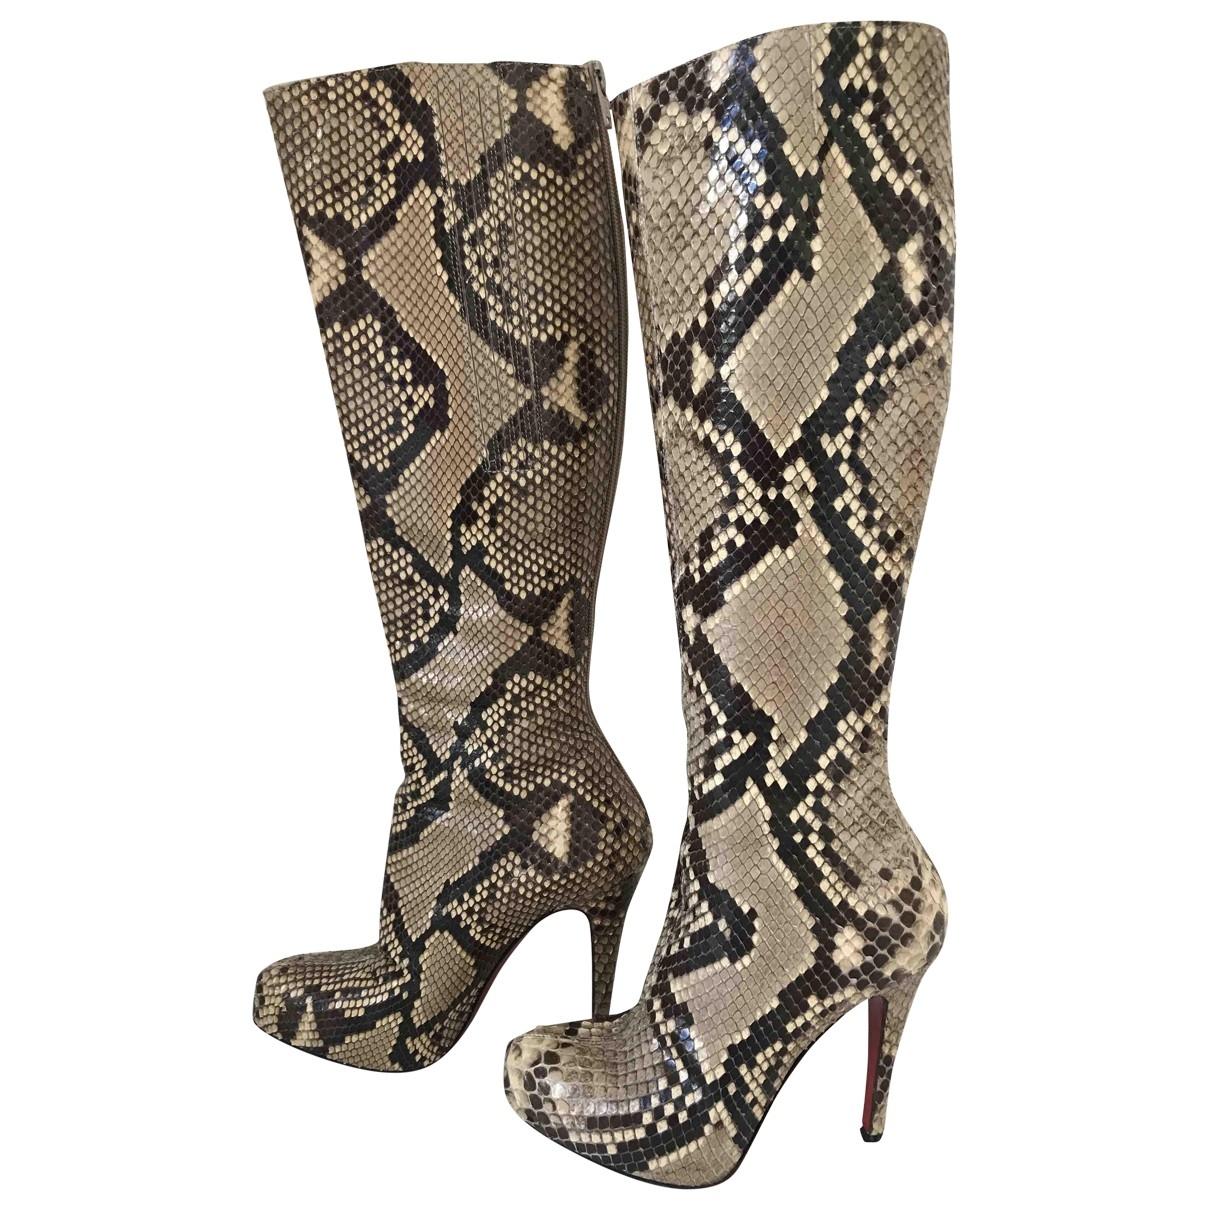 Christian Louboutin - Bottes   pour femme en python - beige